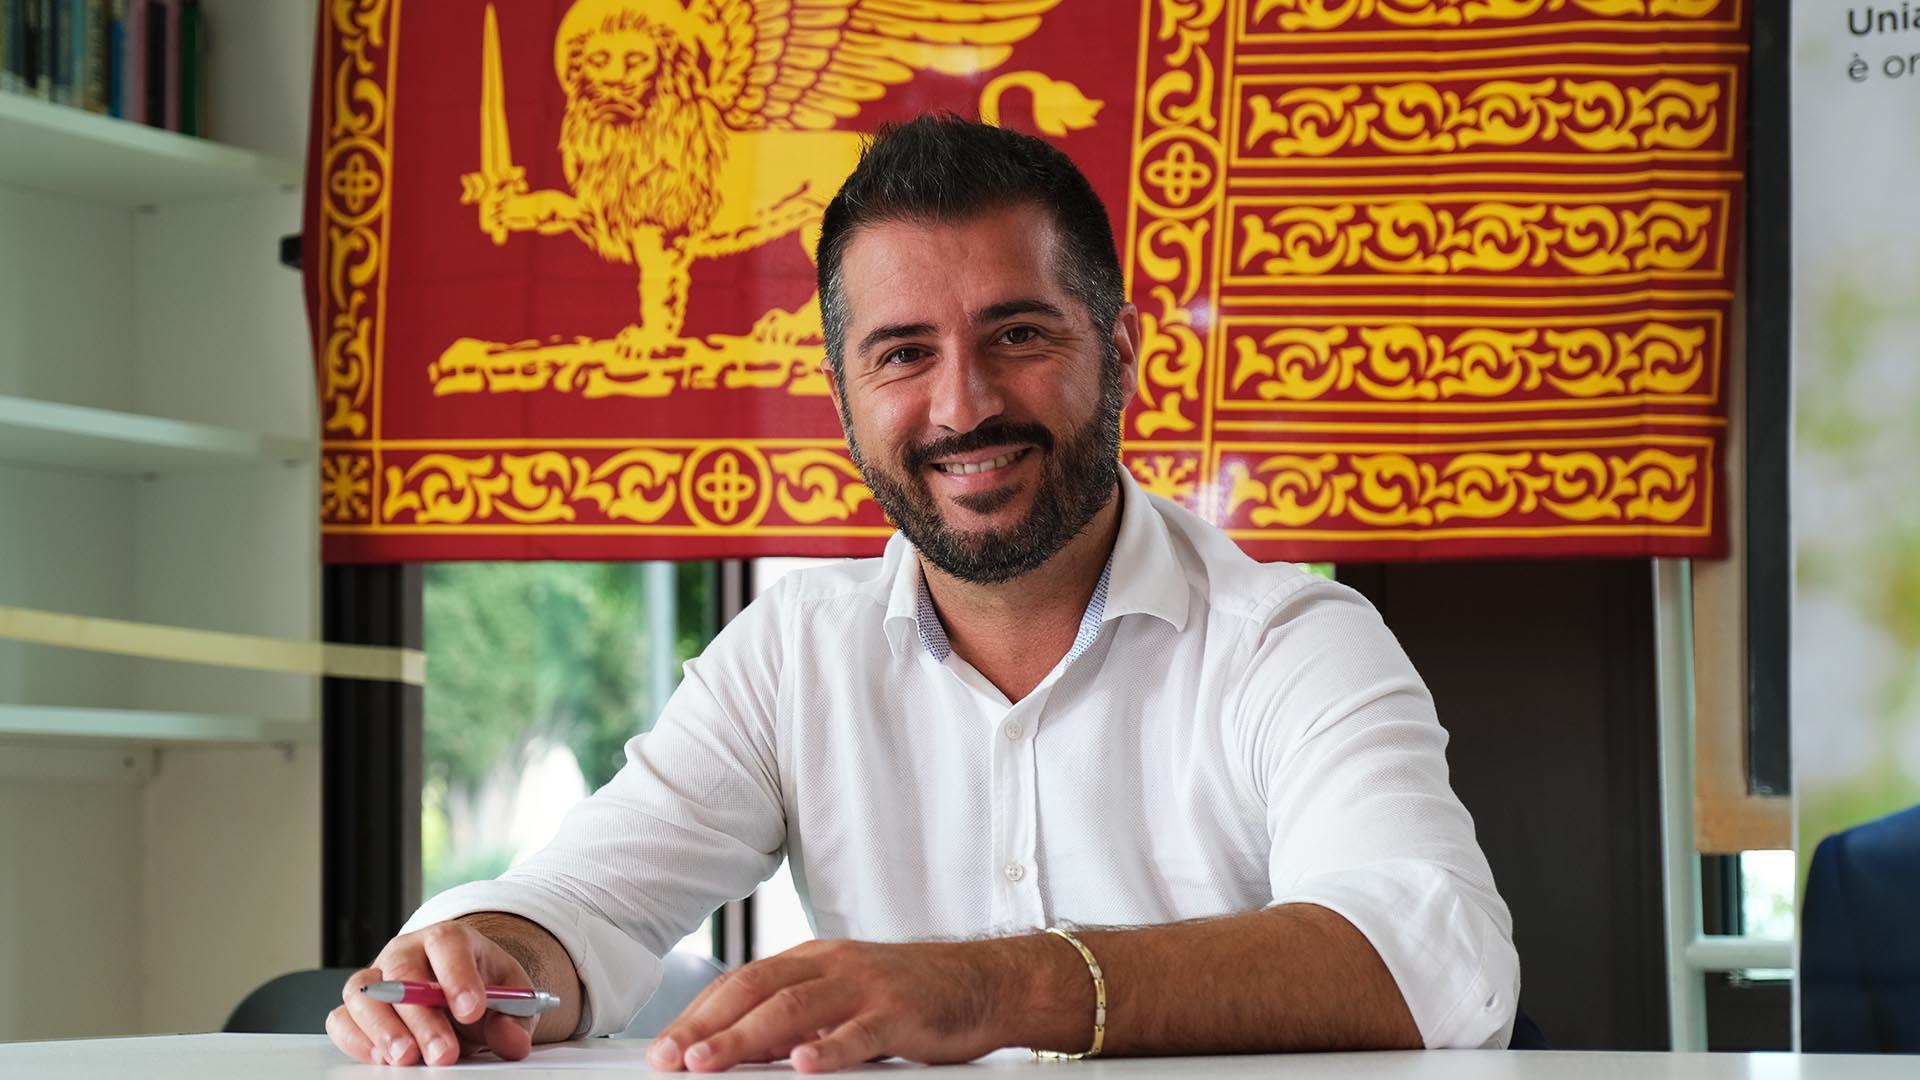 Paolo Borchia con sullo sfondo la baniera di San Marco